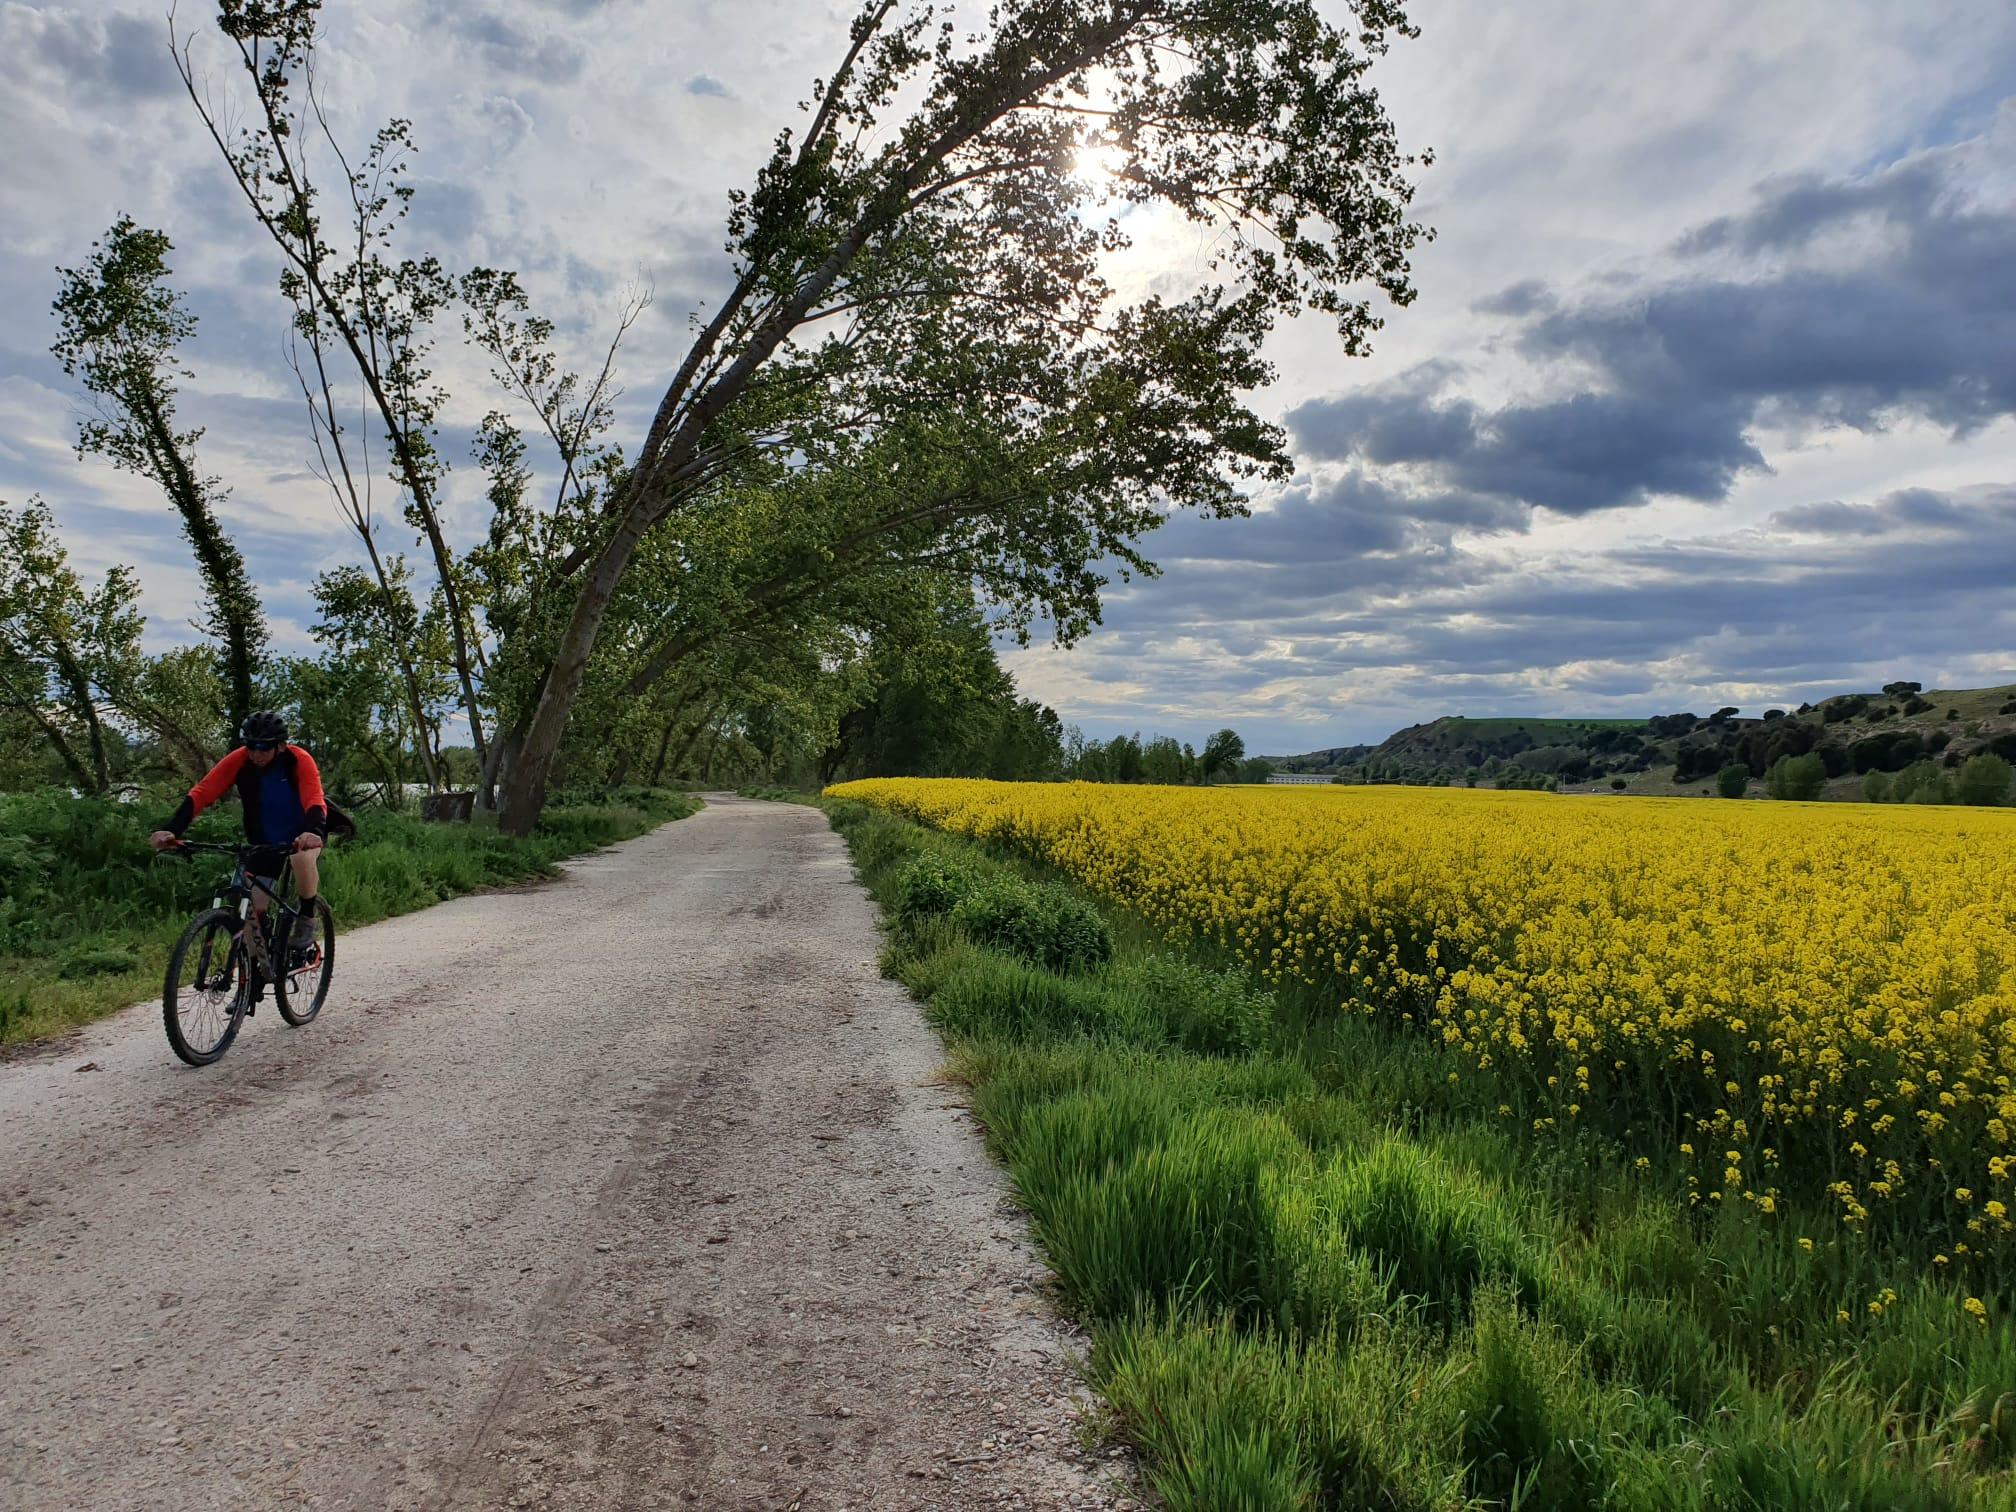 Salamanca en verde y amarillo